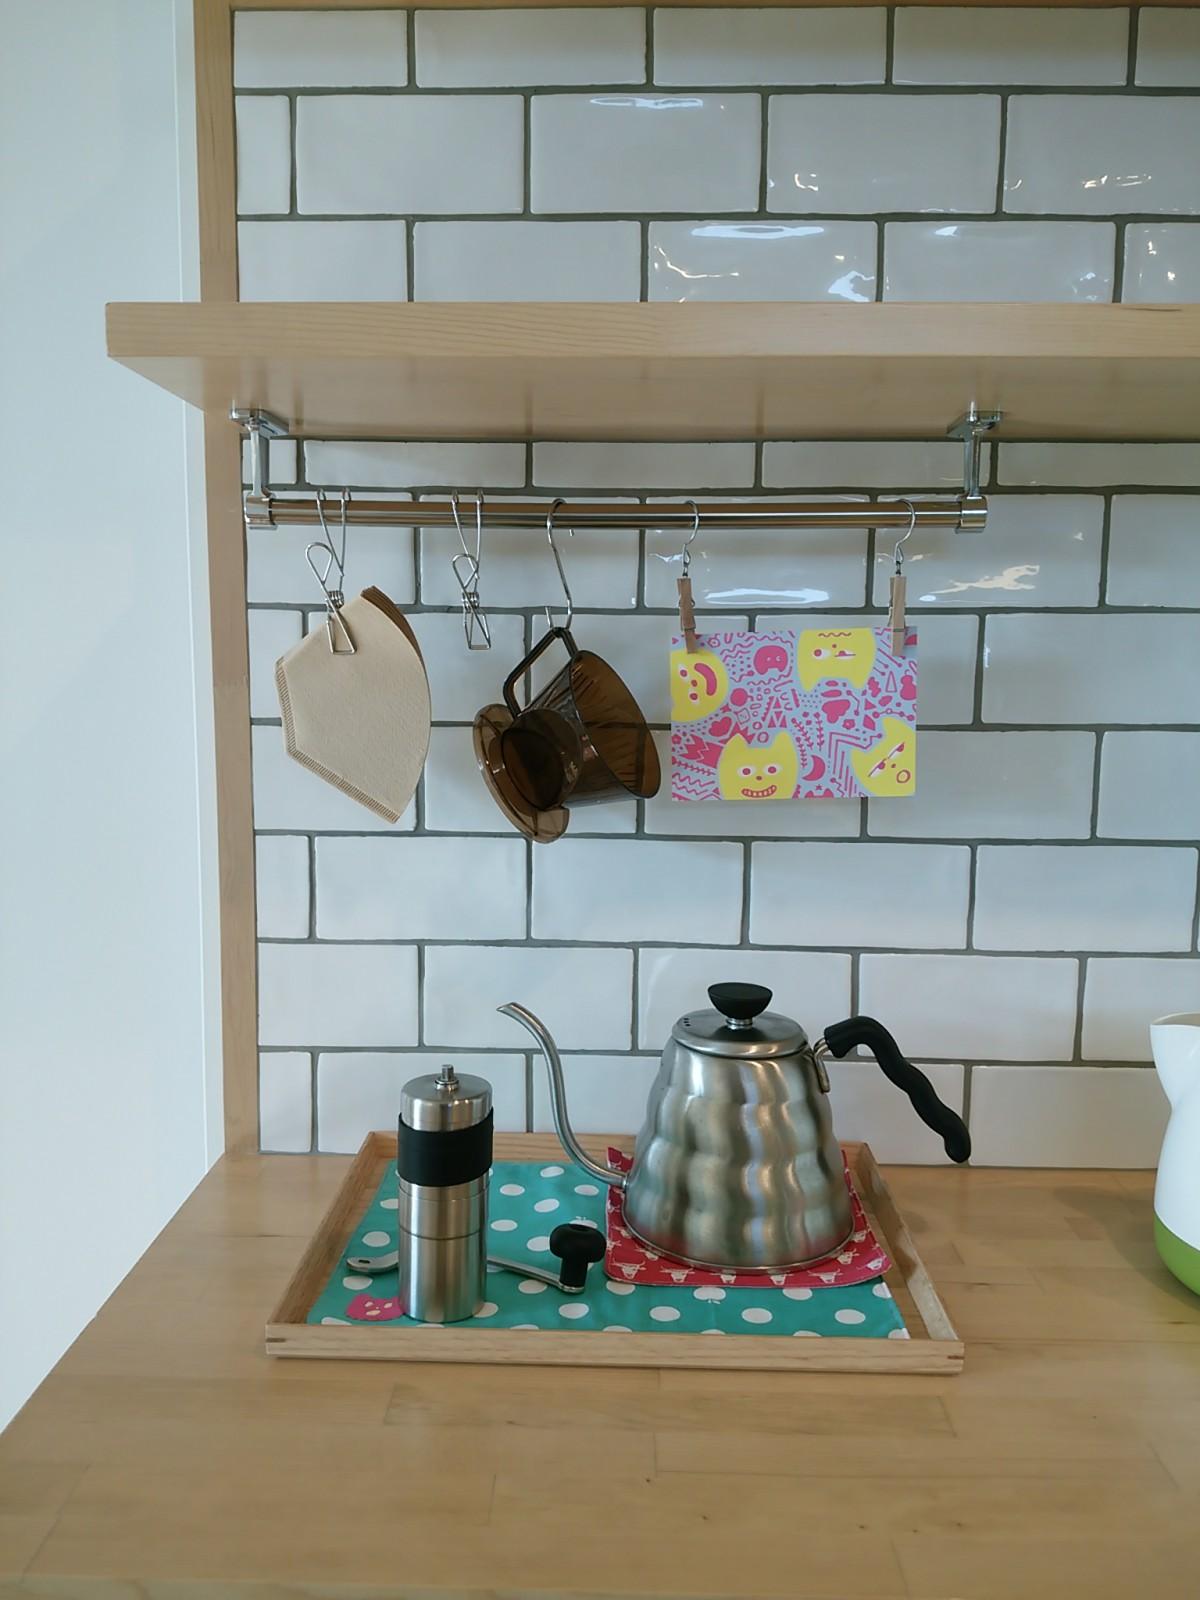 """常に挽きたての豆からコーヒーを入れるとい うご夫婦のお気に入りの""""カフェコーナー"""""""